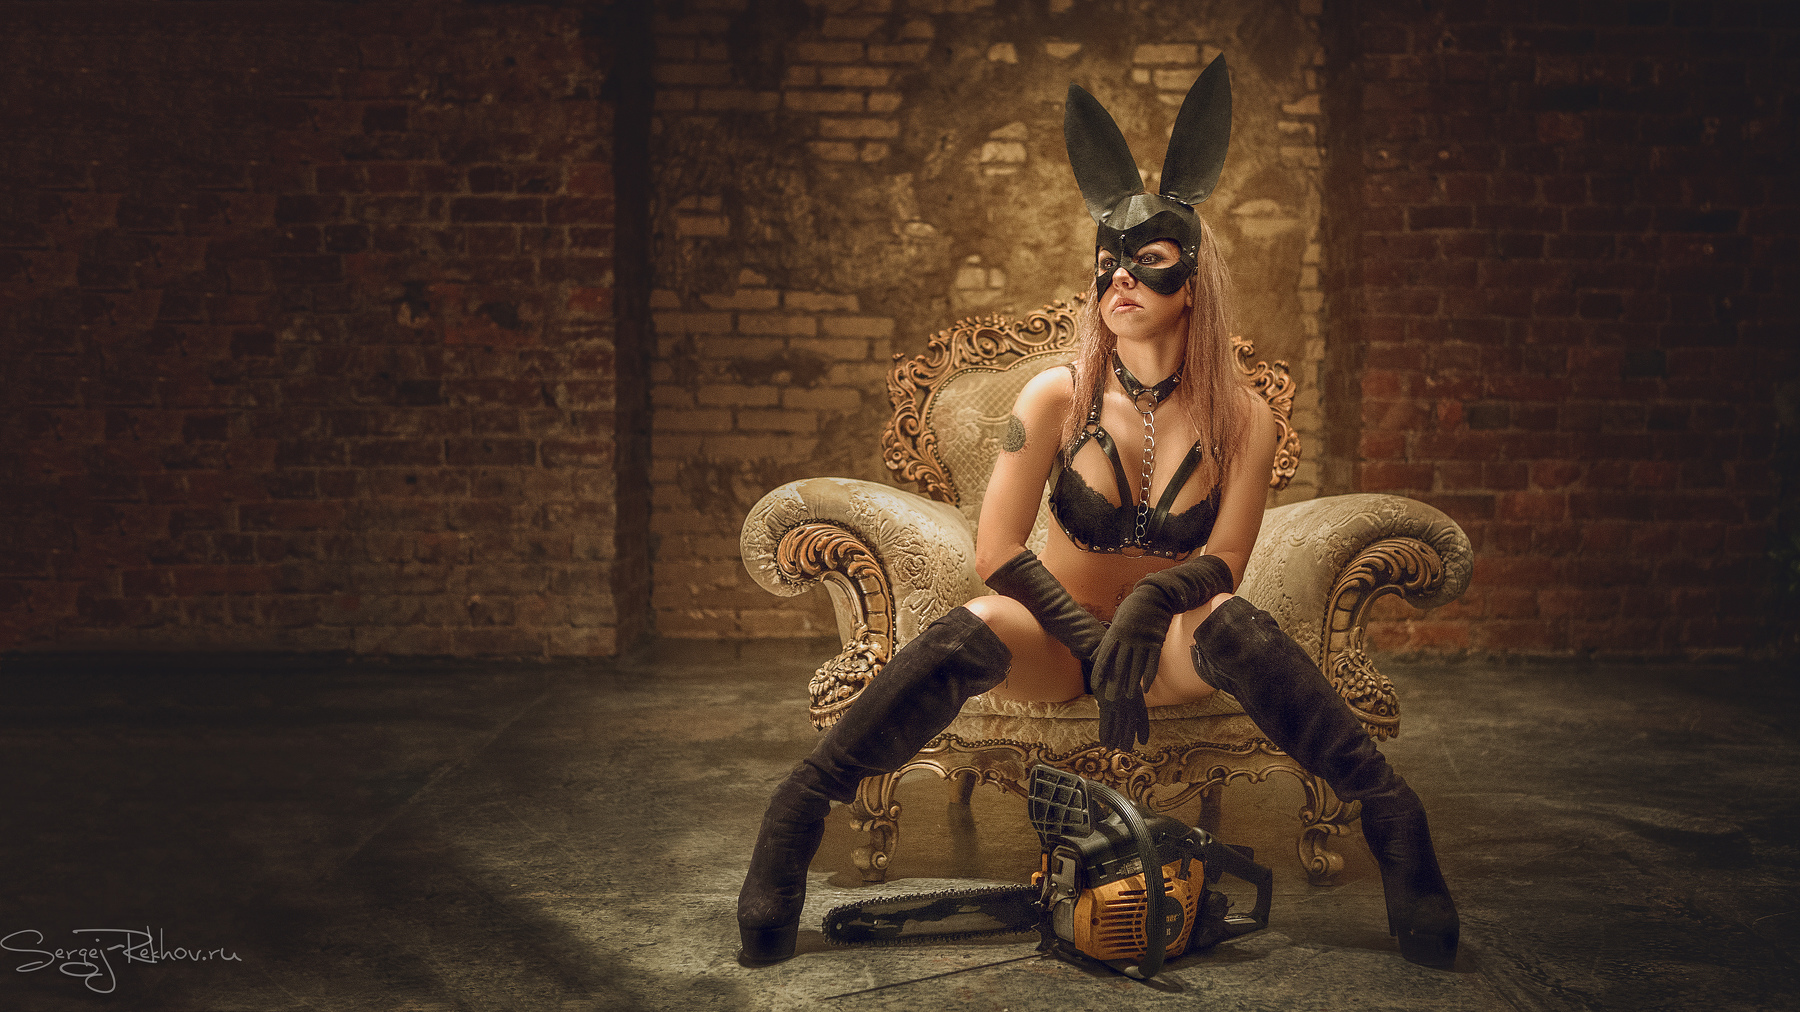 Playful Bunny / фотограф Рехов Сергей